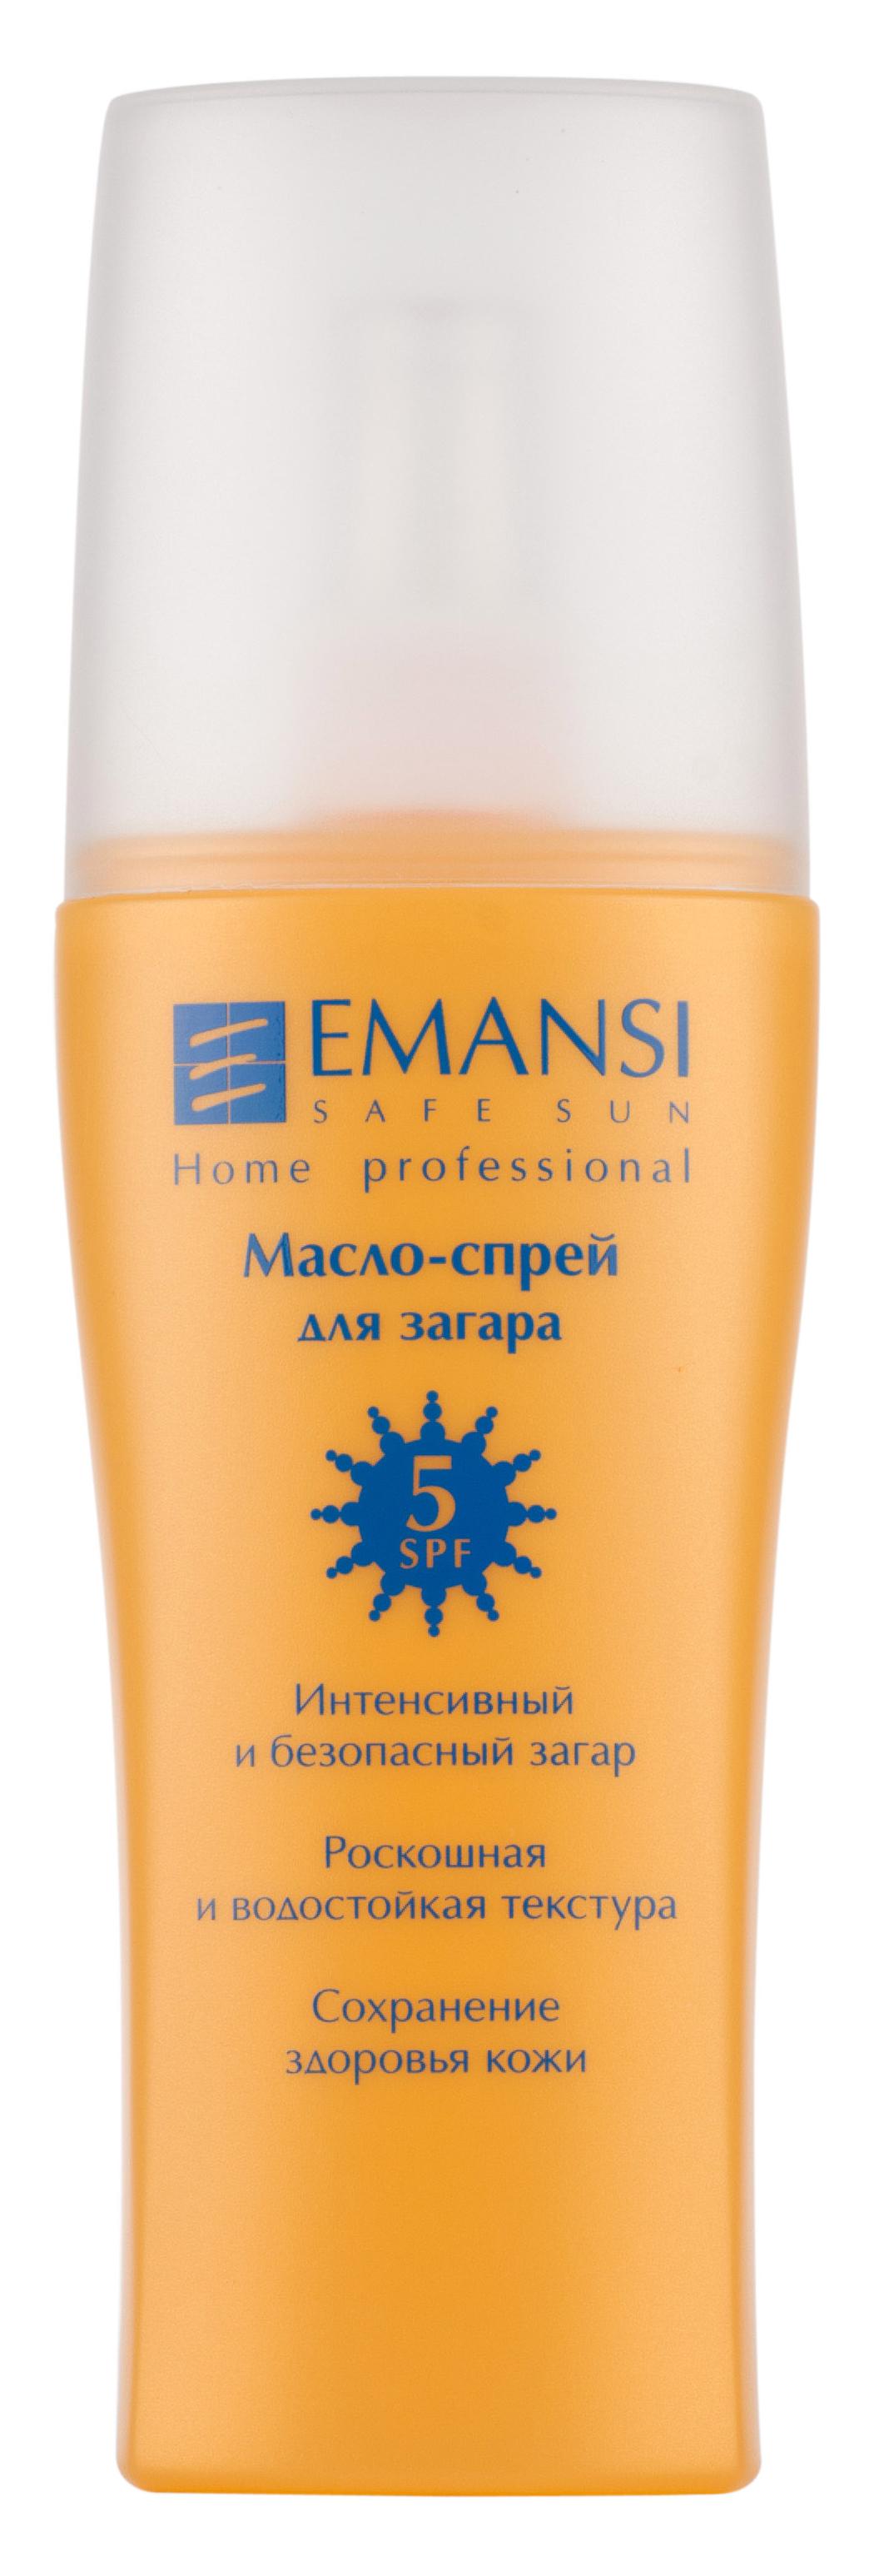 Emansi Масло-спрей для загара Safe sun SPF 5, 150 мл3328 - Интенсивный и безопасный загар- Роскошная и водостойкая текстура- Сохранение здоровья кожи- Специальный состав, включающий СО2 экстракт зверобоя, способствуют более быстрому и ровному загару- Устойчиво к действию воды и пота- Подходит для любой, в том числе и чувствительной кожи